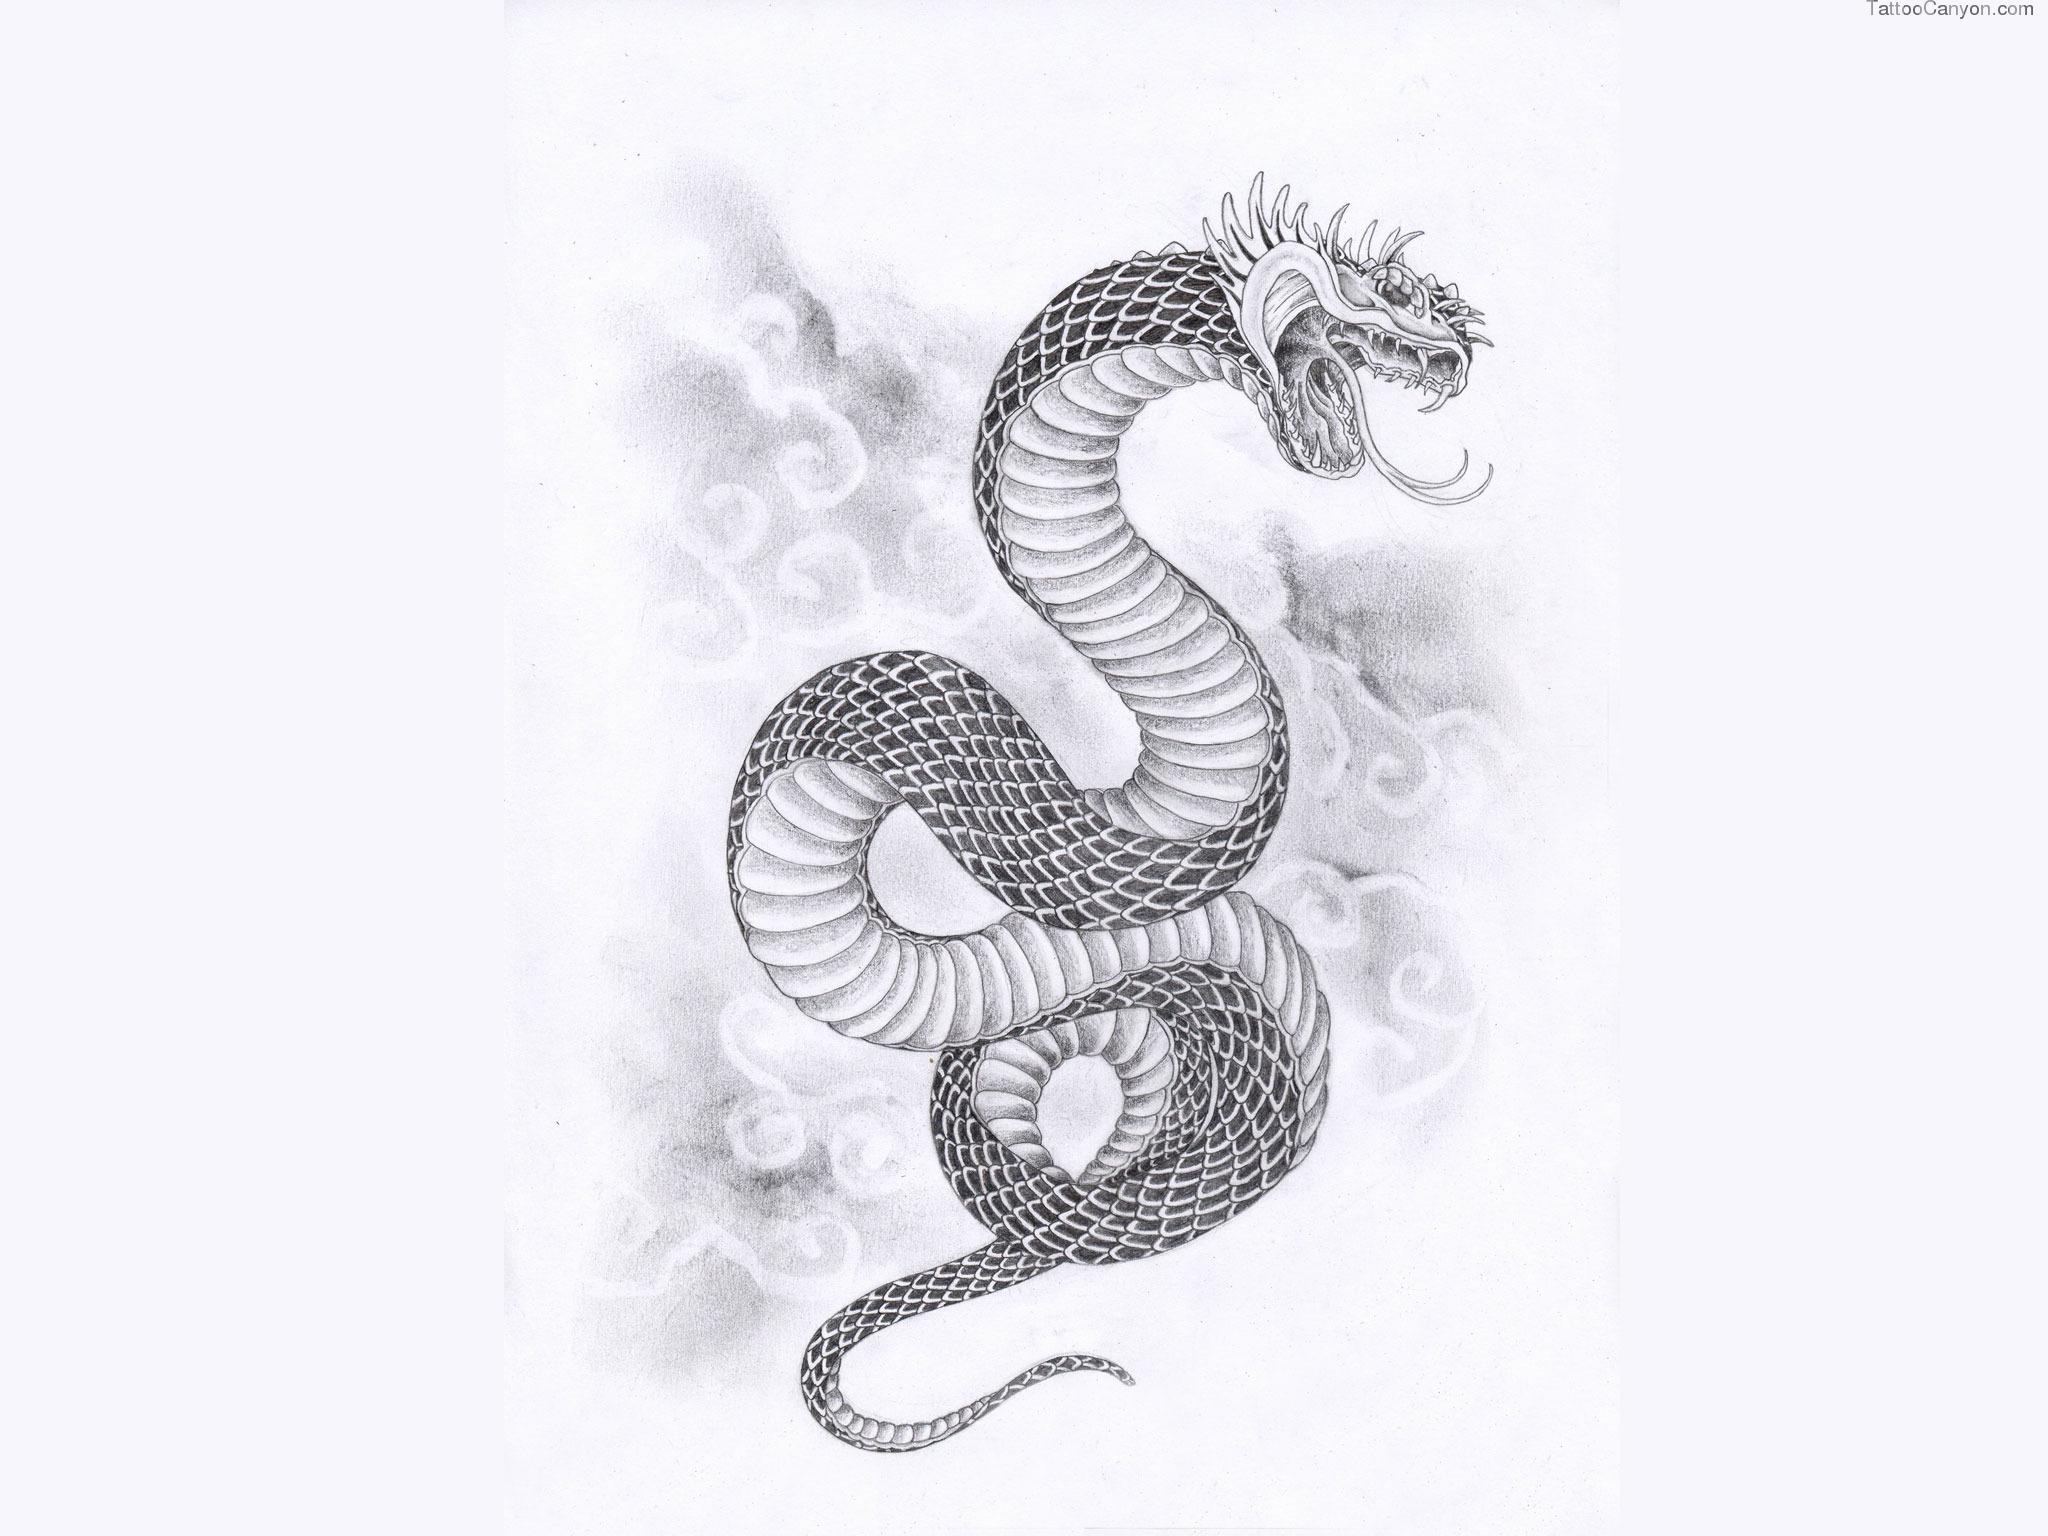 Drawn snake snake attack Snake Wallpaper Art Tattoo Concept